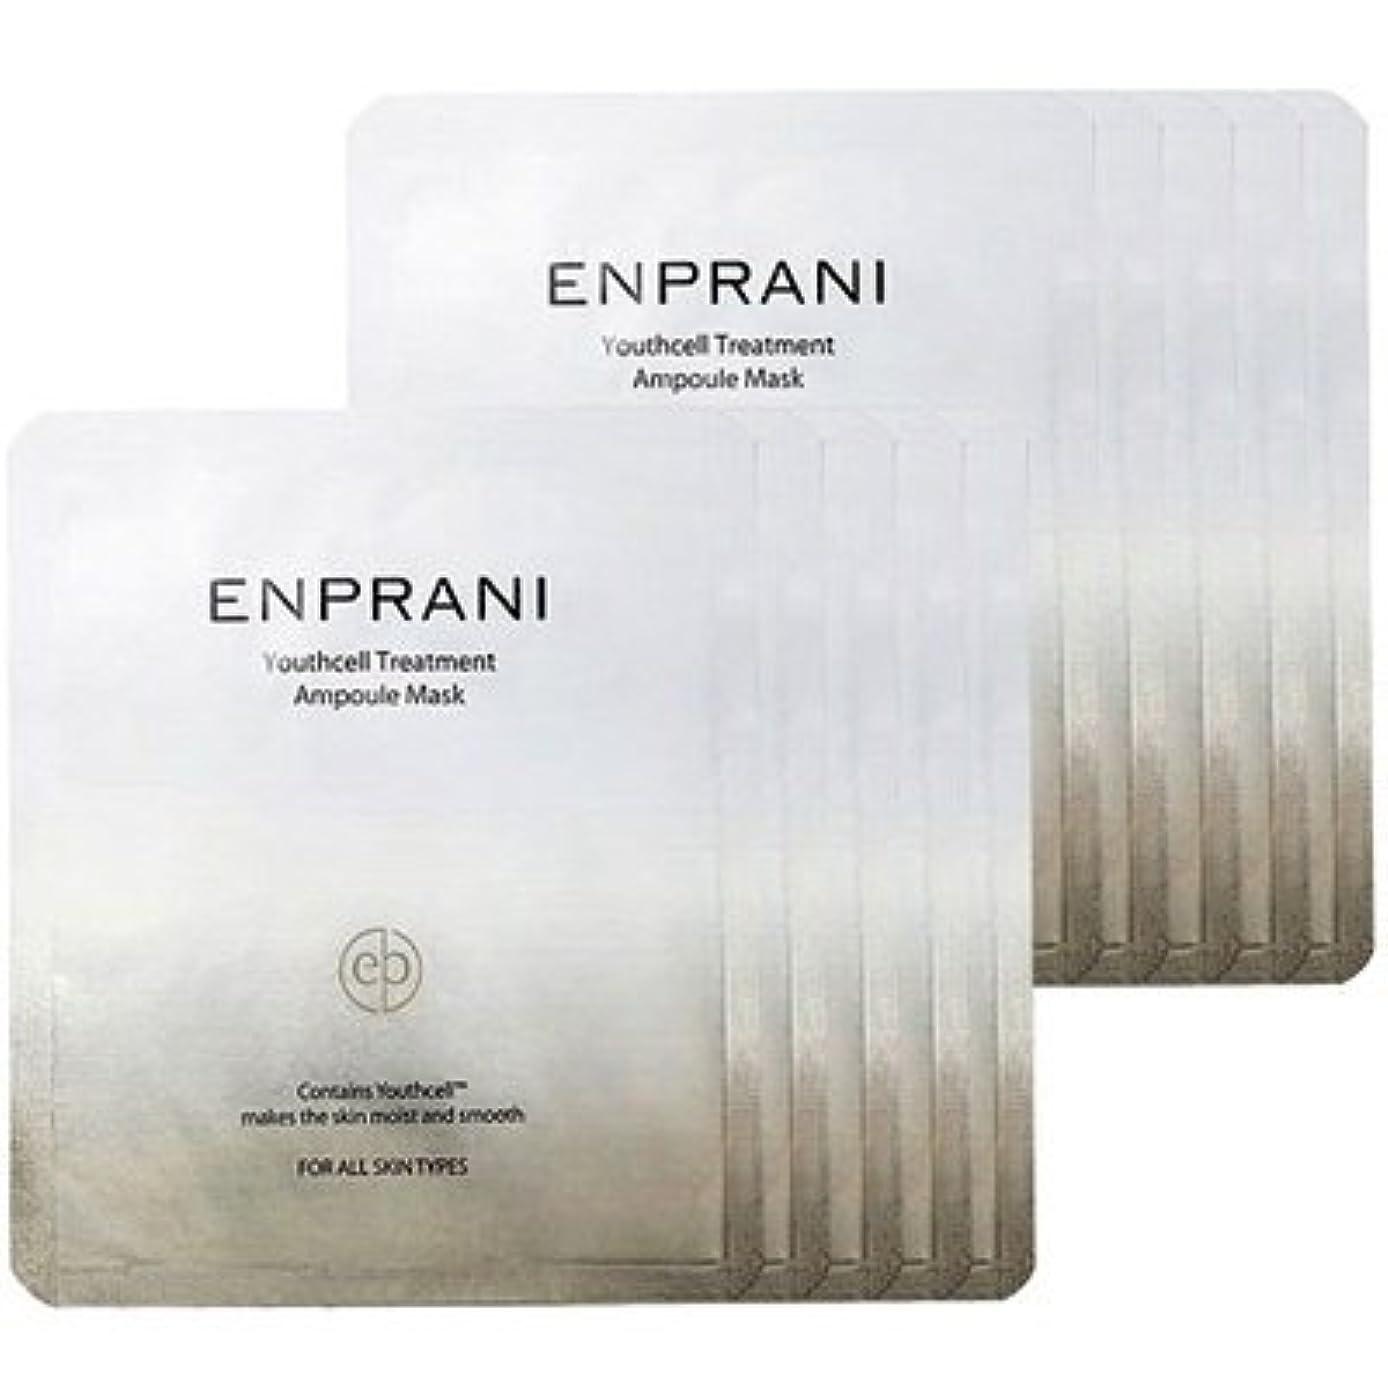 同級生十代力学[20枚][エンプラニ]ENPRANI[ユースセル トリートメント アンプル マスクパック (20枚)](Youthcell Treatment Ampoule Mask 20Sheets) [並行輸入品]